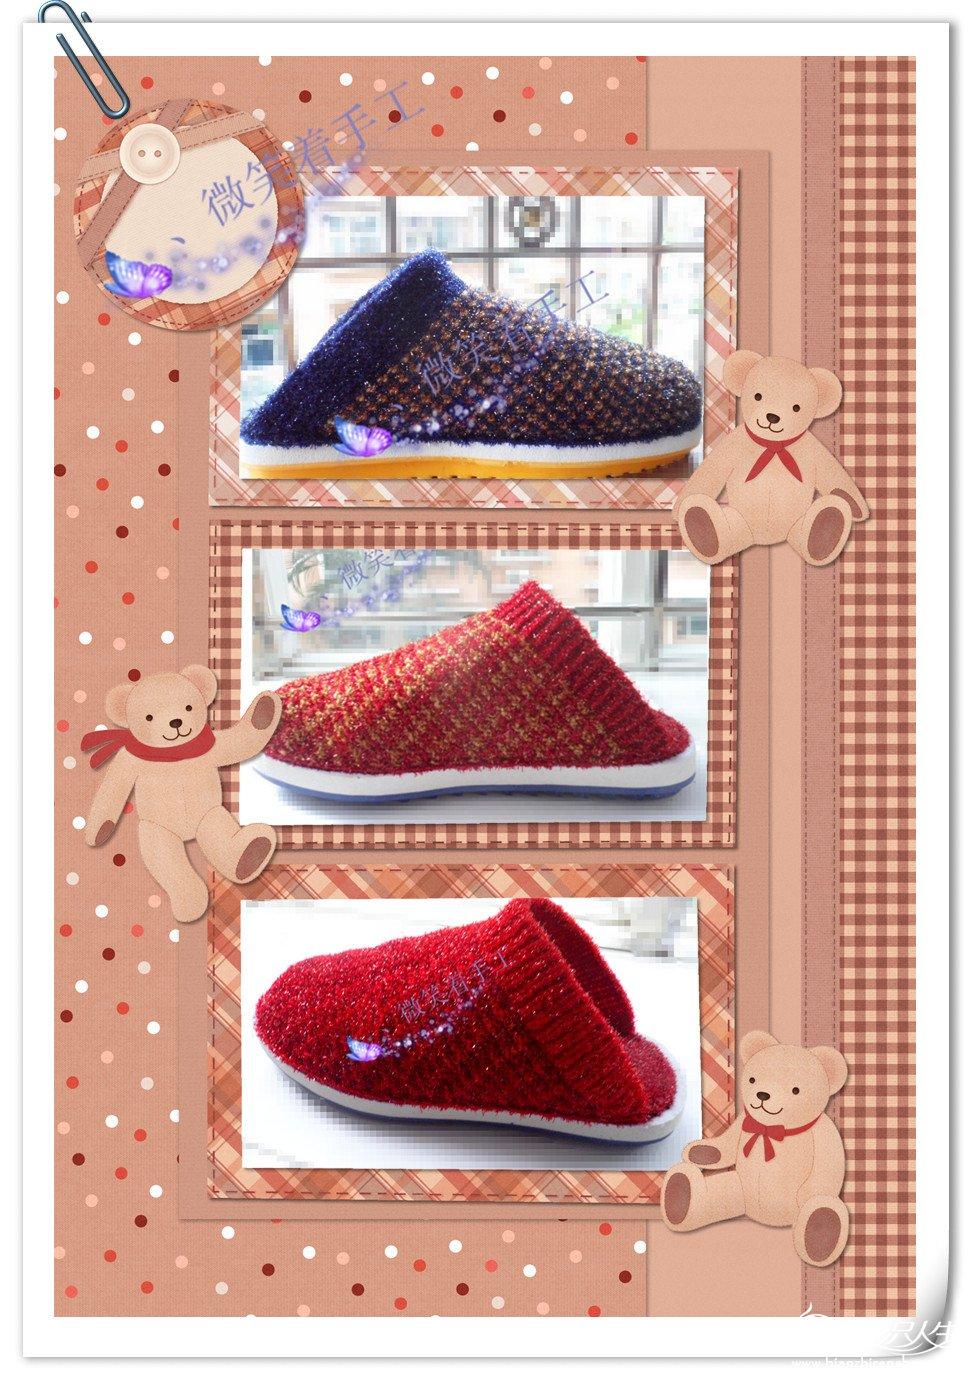 红拖鞋7.jpg